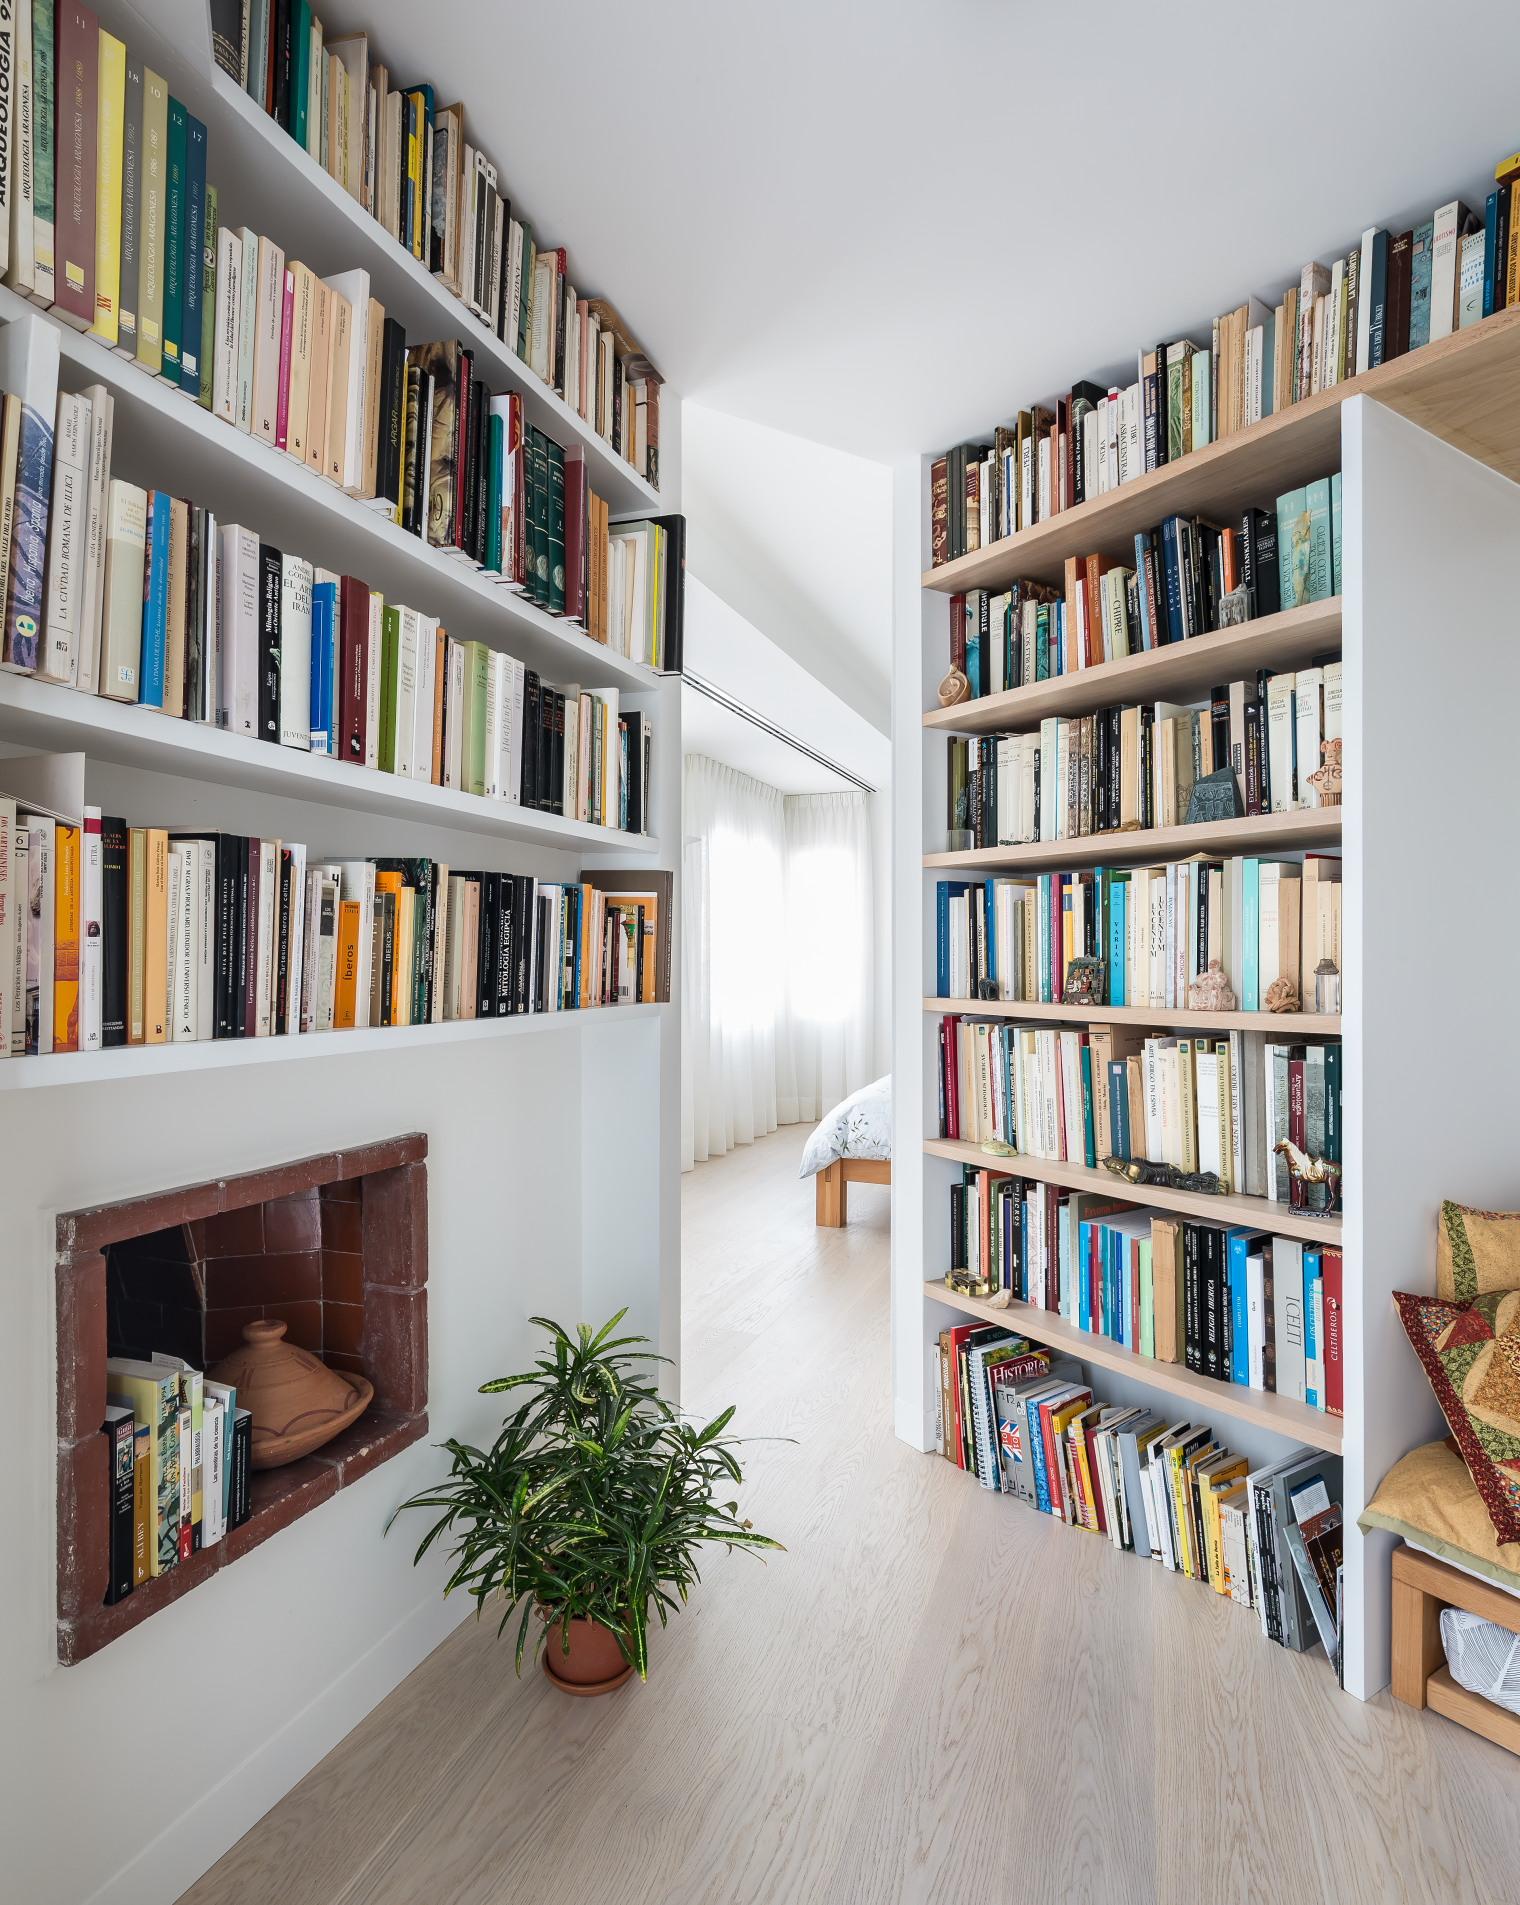 selecta_alicante joaquín Juberías arquitectos Valencia